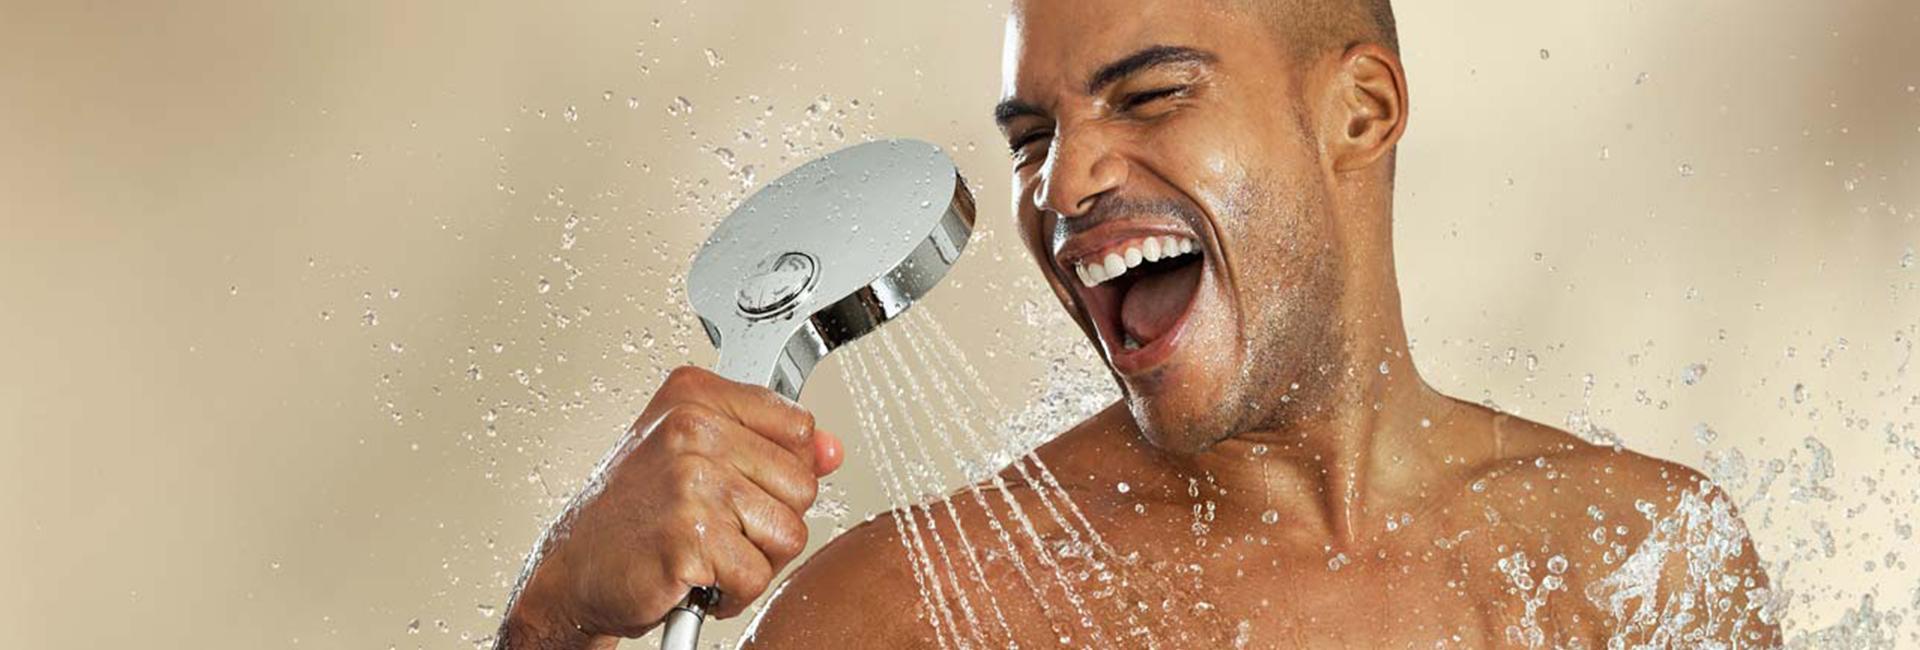 Mets de l'huile sous la douche